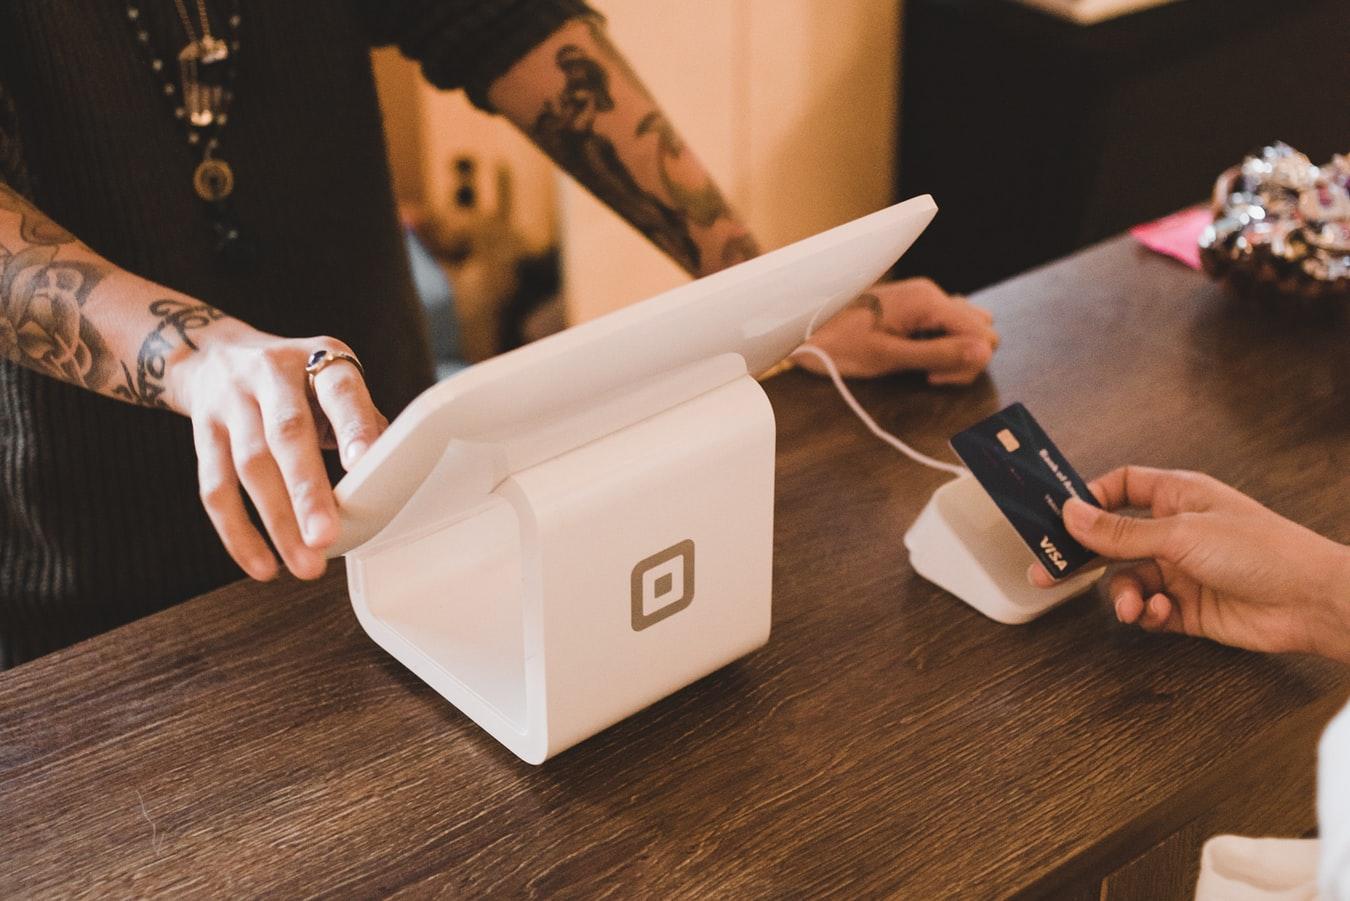 8 Möglichkeiten, wie kleine Unternehmen von Weihnachten 2020 profitieren können_Kreditkarte